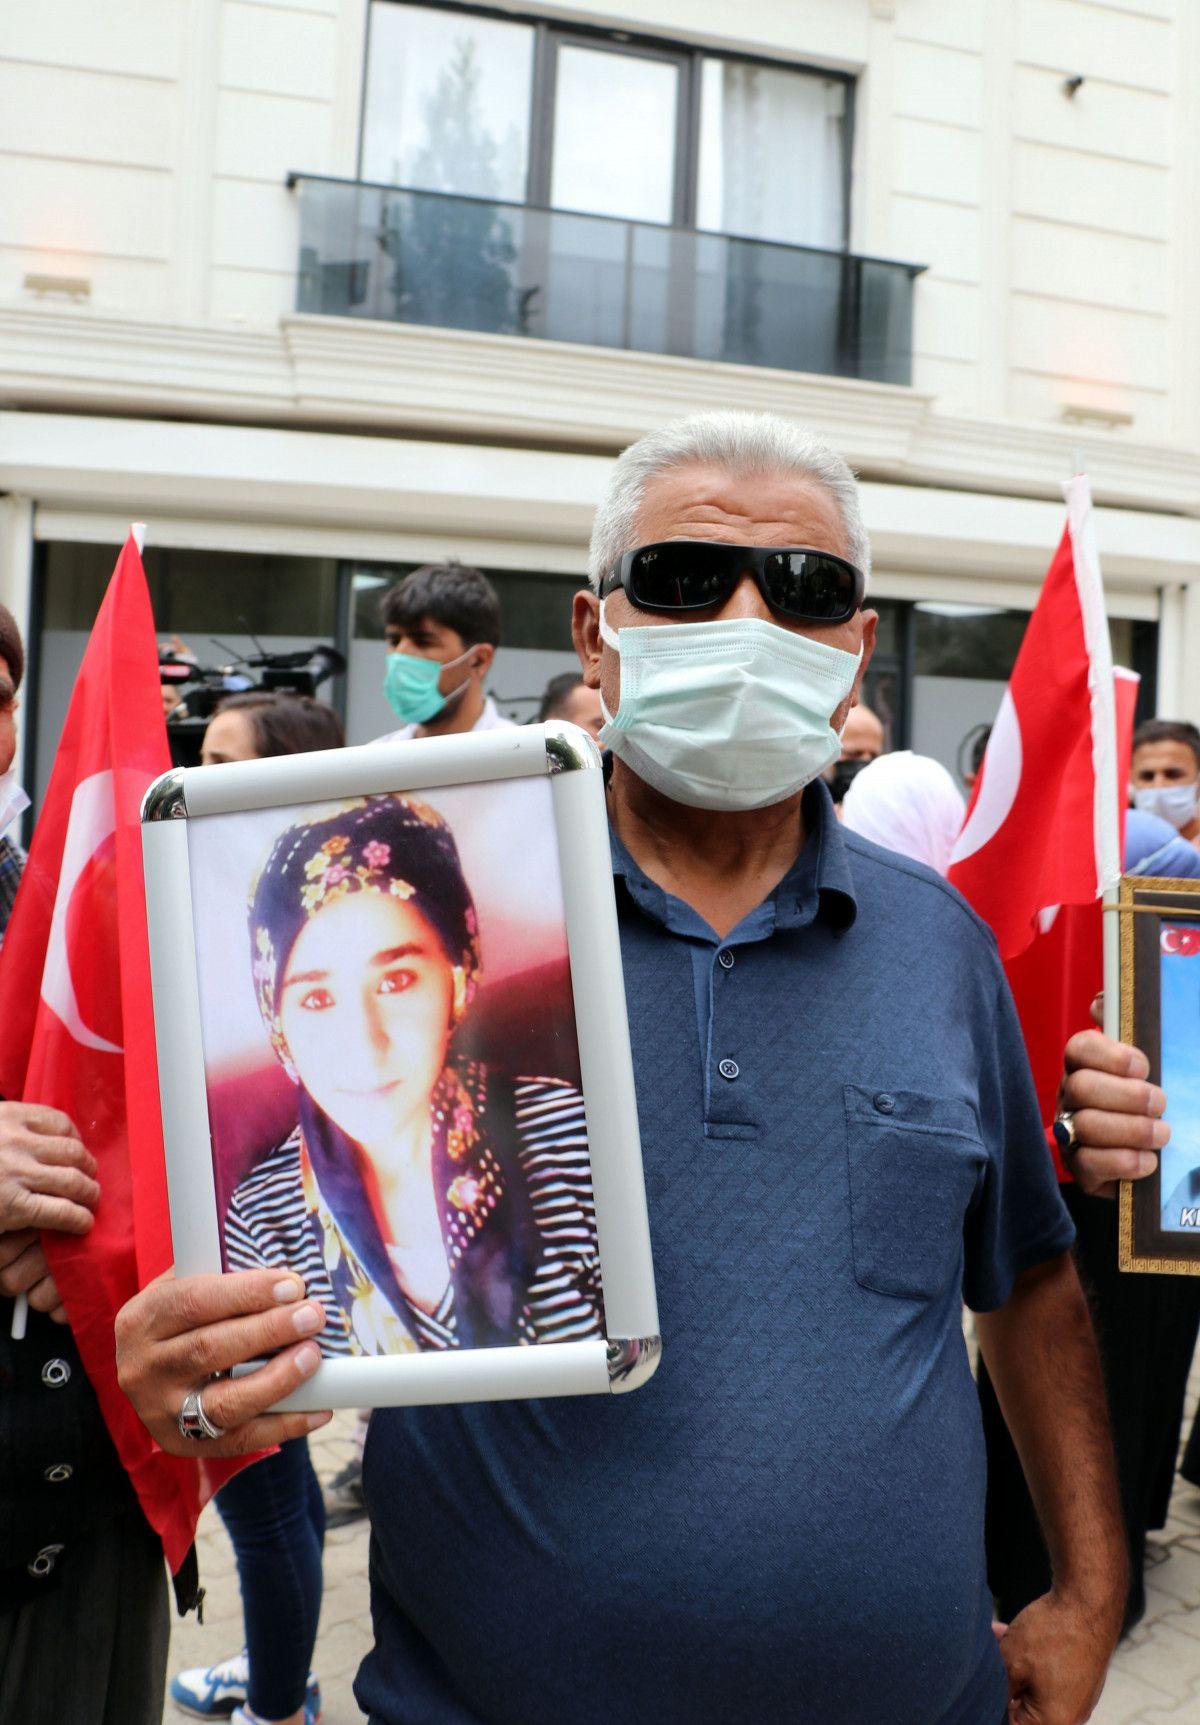 Van da evlat nöbetindeki anne: Anneler kazanacak, HDP yerin dibine girecek #10